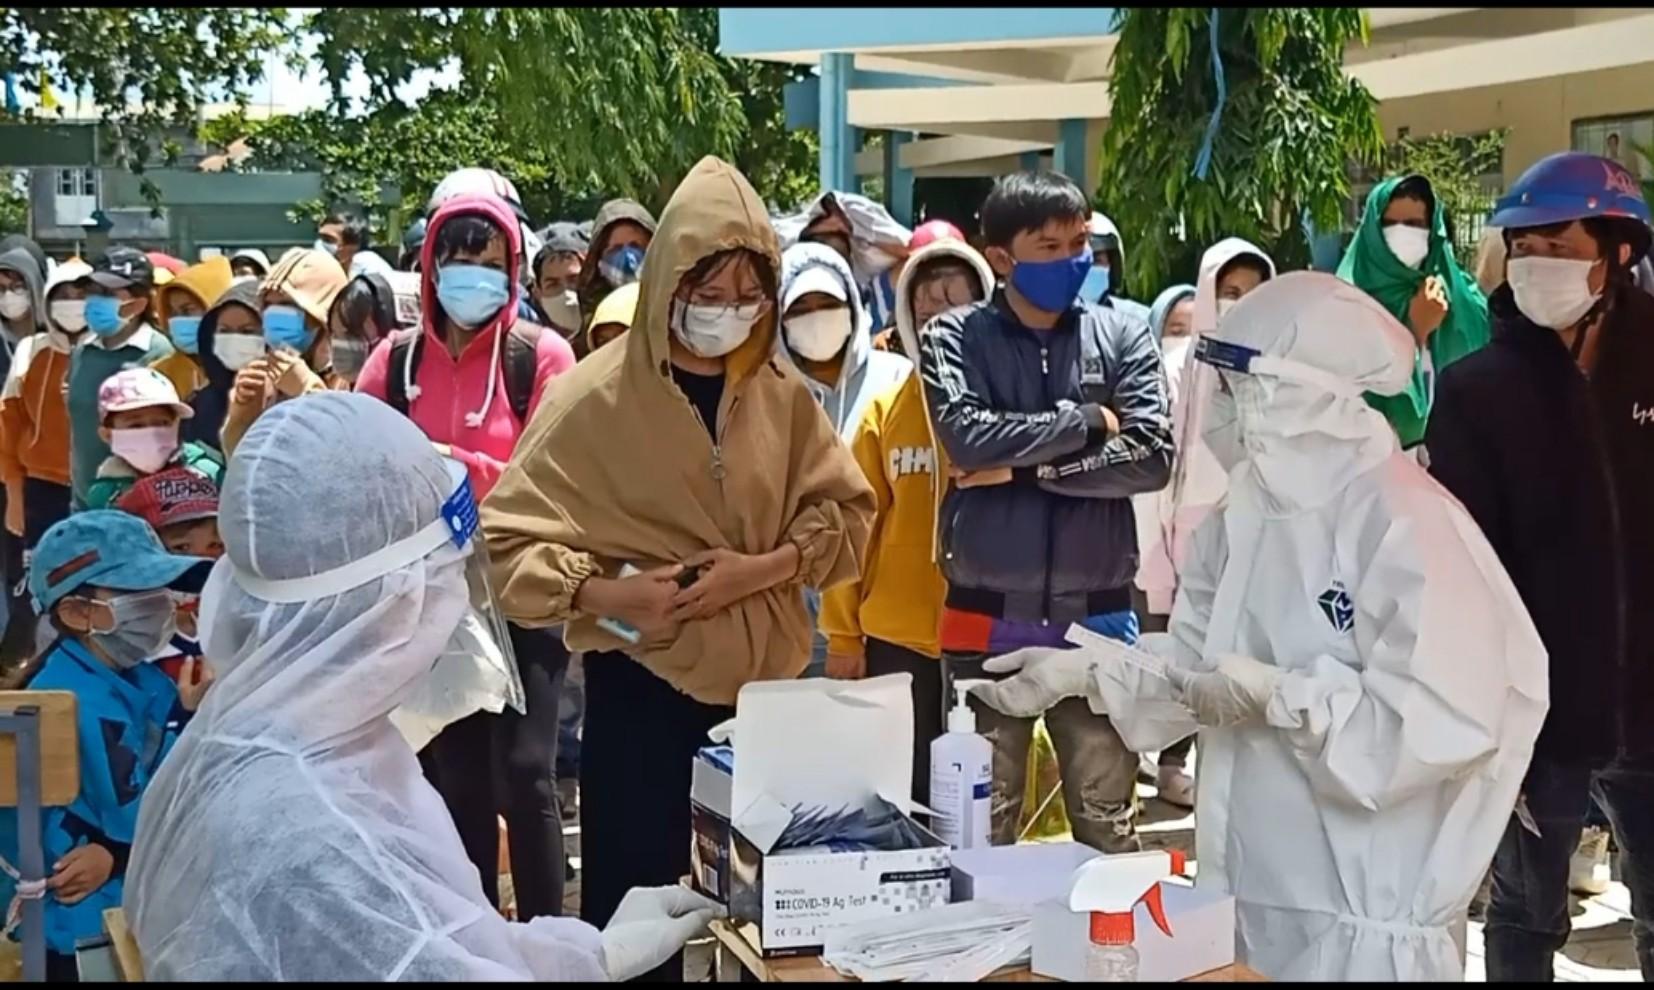 Công nhân quê Ninh Thuận làm việc tại địa bàn xã Thạnh Phú (Đồng Nai) xét nghiệm COVID-19 trước khi về quề ngày 31/7